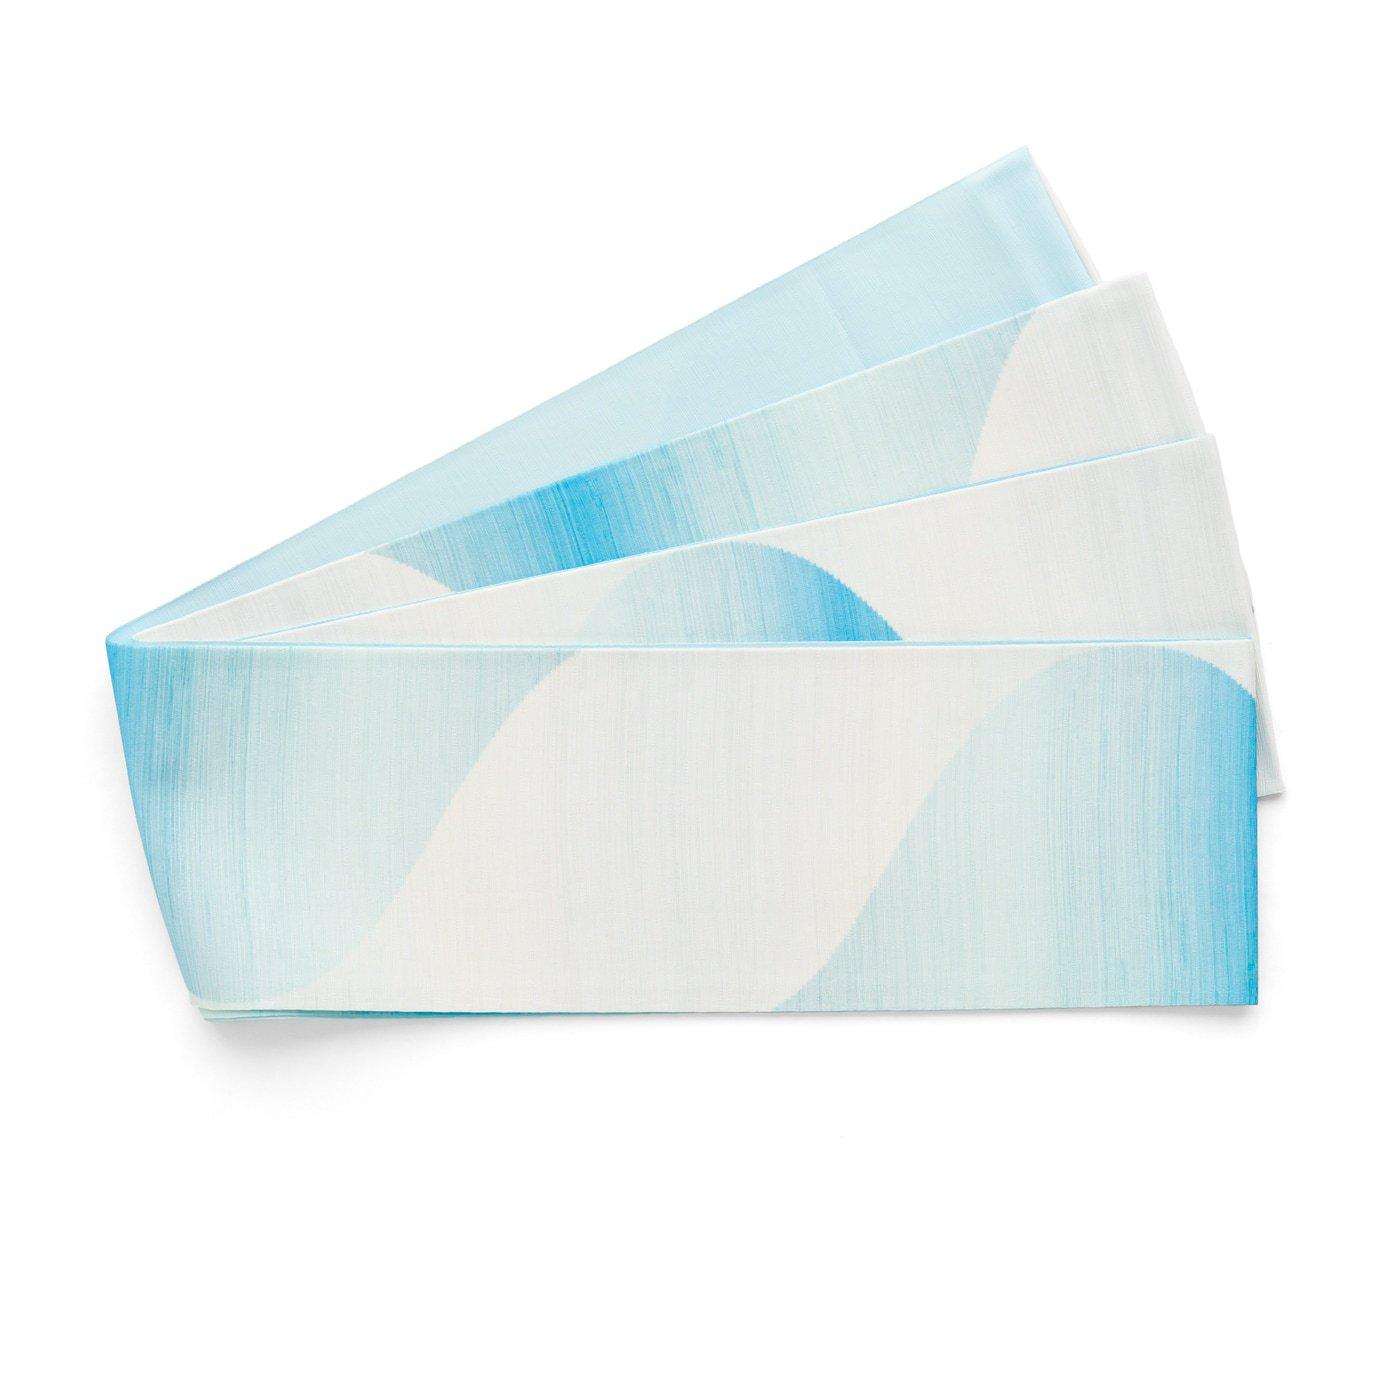 「長尺半幅帯 曲線暈し 水色」の商品画像